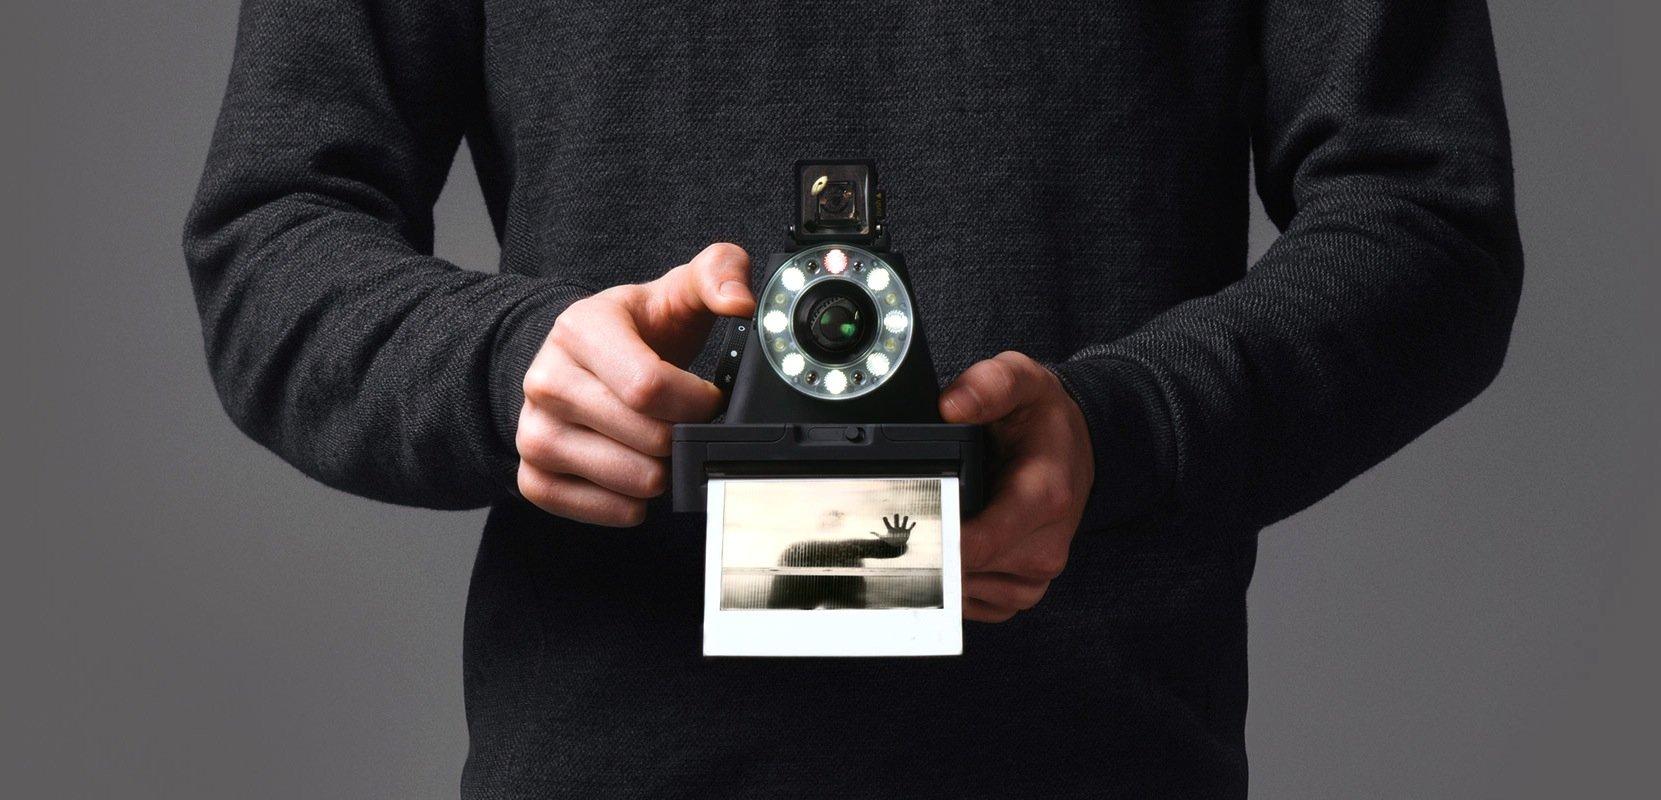 Der niederländische Hersteller The Impossible Project bringt eine neue, moderne Variante der Sofortbildkamera heraus. Dazu hat er das frühere Polaroid-Werk in den Niederlanden gekauft.